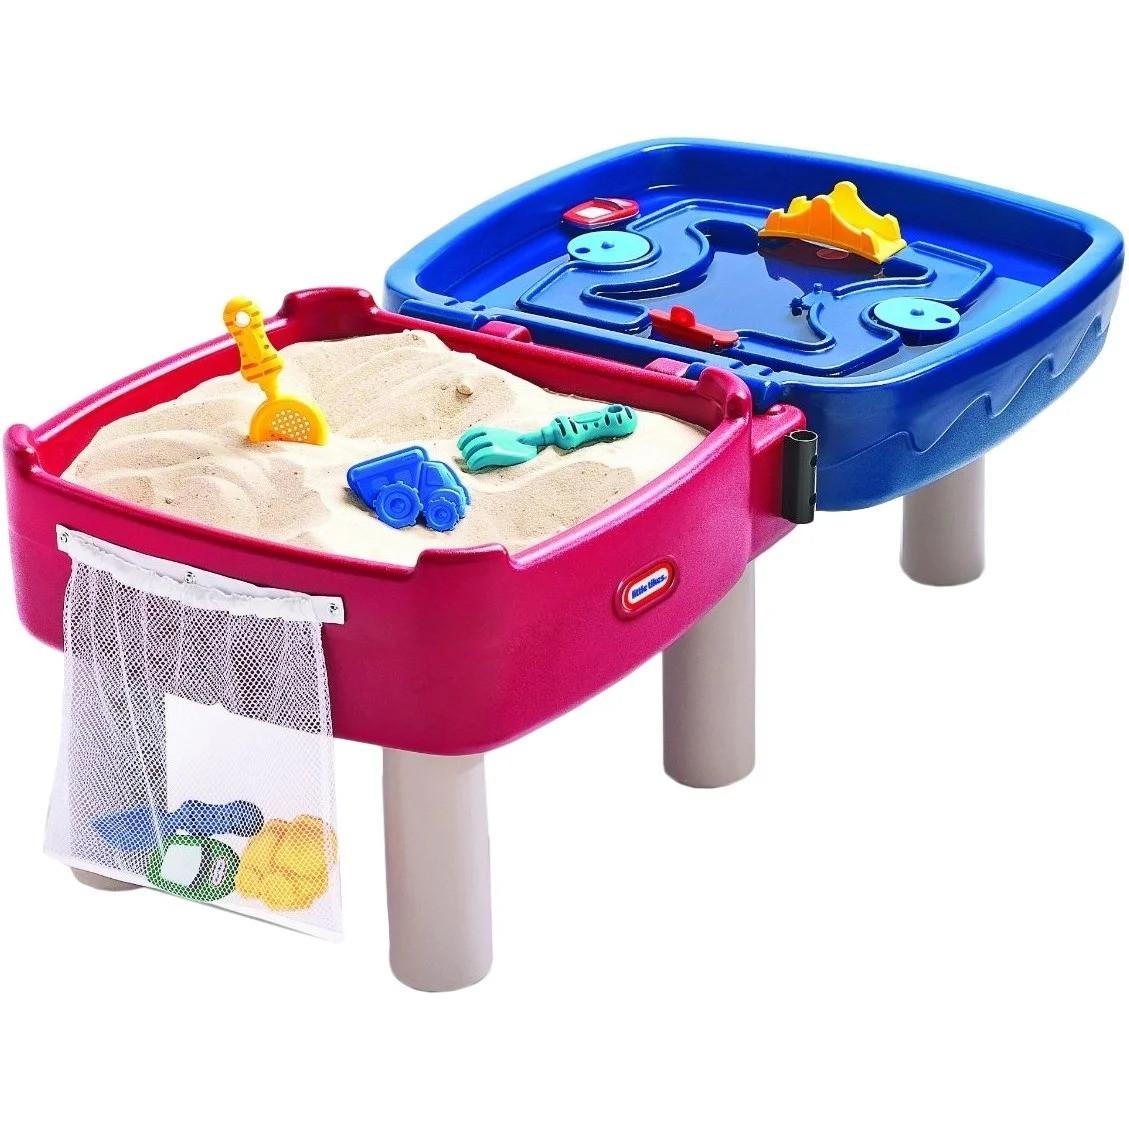 Игровой водный столик песочница 2 в 1 Little Tikes 451T для детей (водний столик пісочниця для дітей)